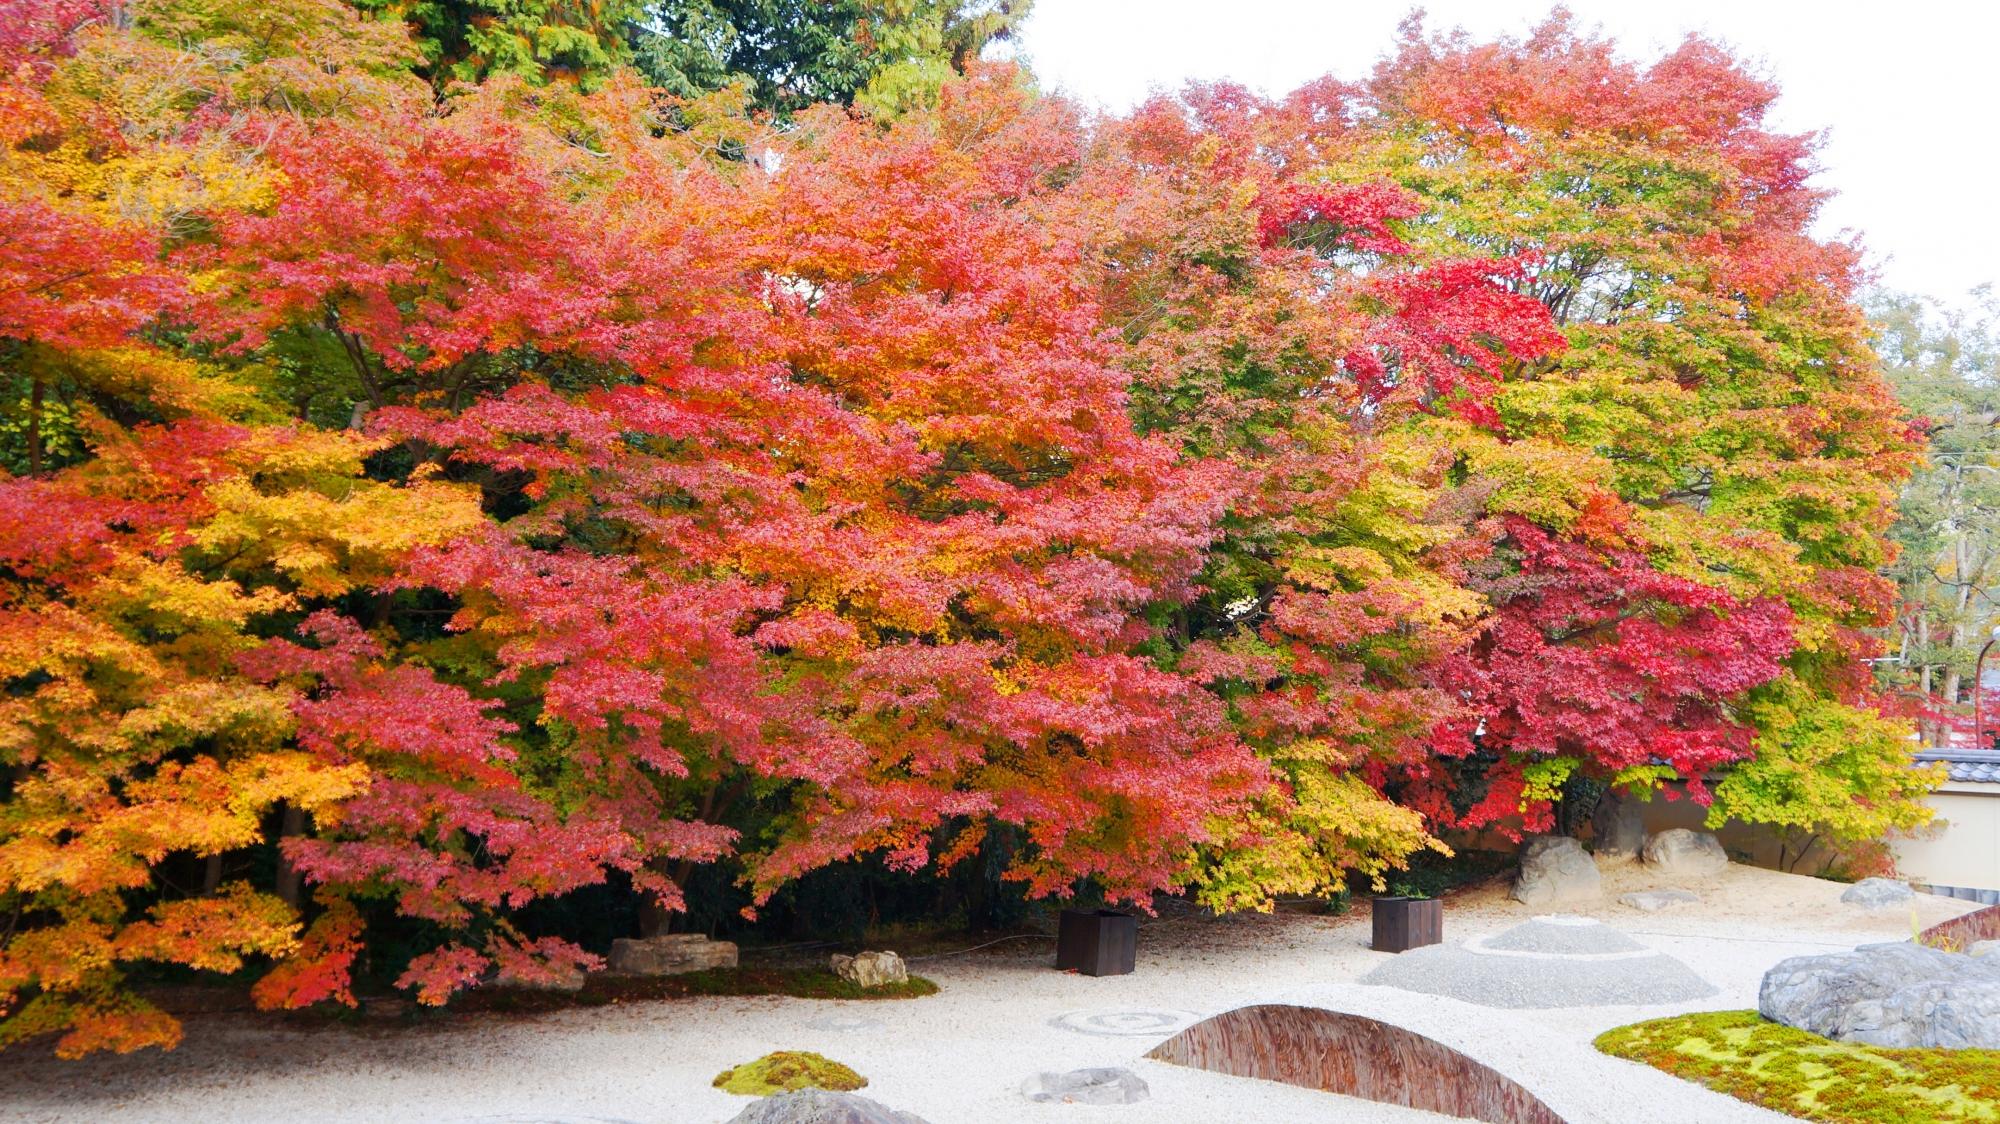 実相院の見事な紅葉と情緒ある秋の庭園